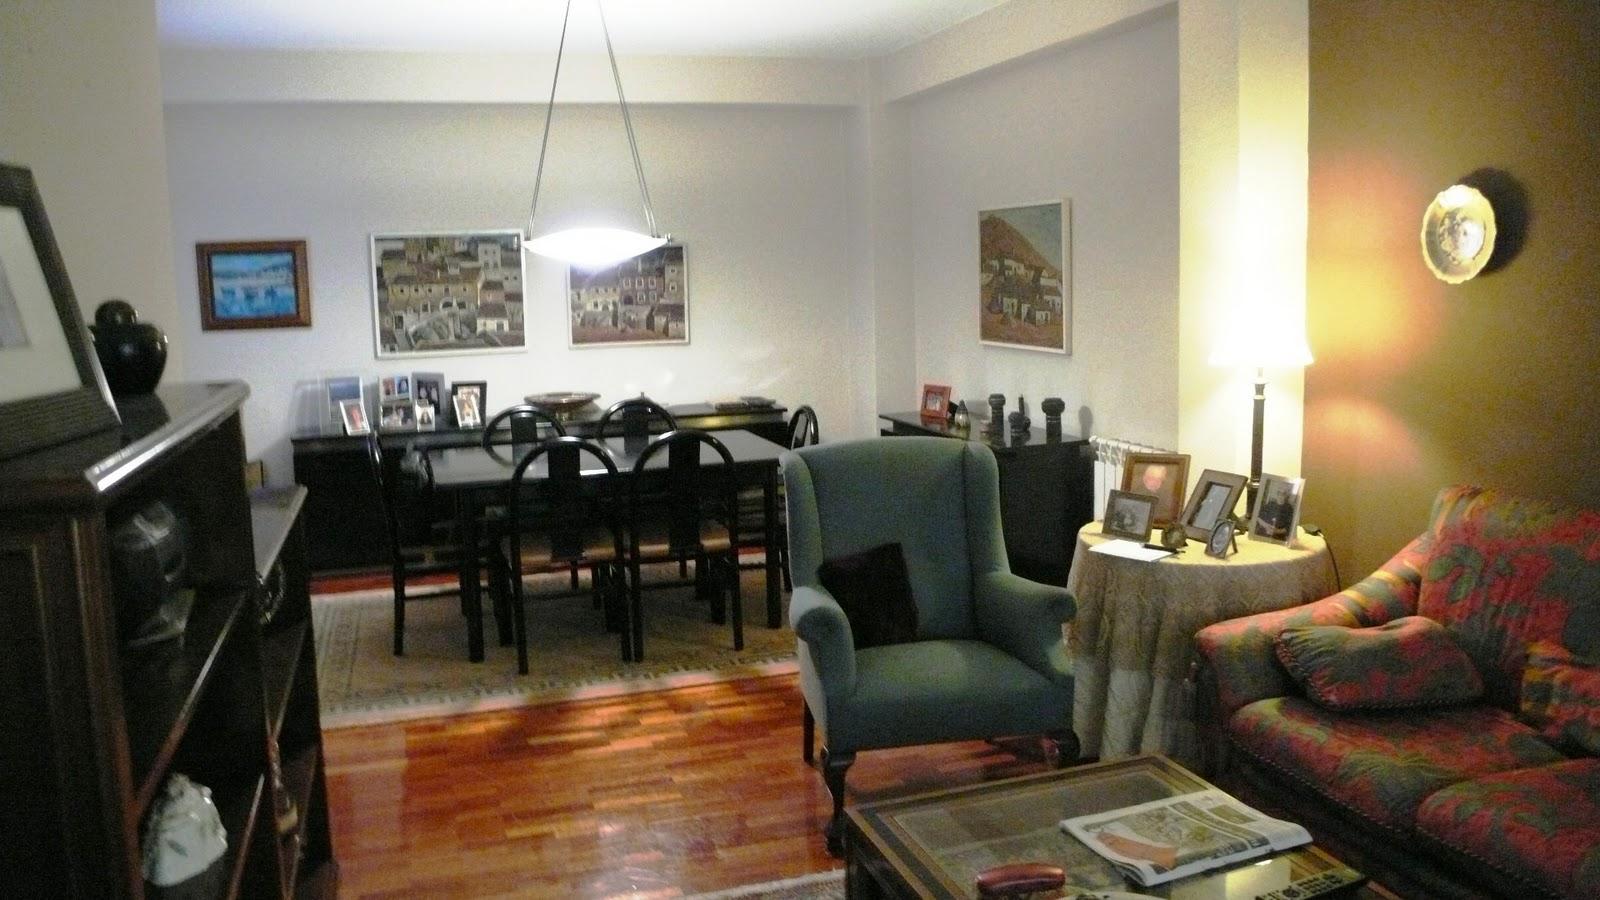 Viviendas coru a viviendas coru a piso de 3 dormitorios en rosal a de castro junto a la plaza - Pisos alquiler castro urdiales particulares ...